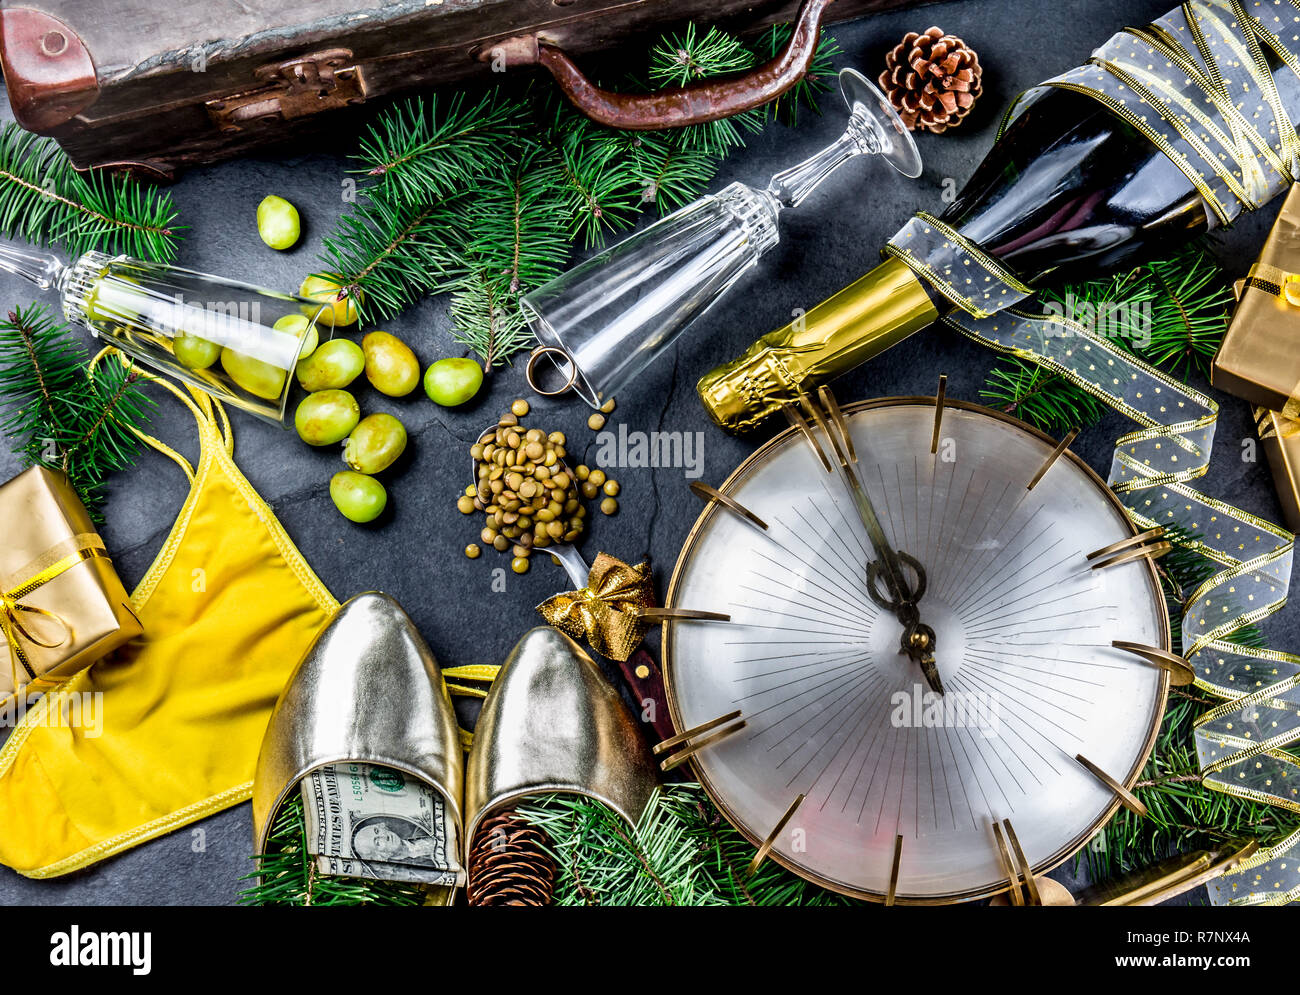 Español y Latinoamericano tradiciones de Año Nuevo. maleta vacía, la lenteja cuchara, ropa interior amarilla, un anillo de oro en el champán, las 12 uvas, el dinero en el zapato. Christmas background Imagen De Stock